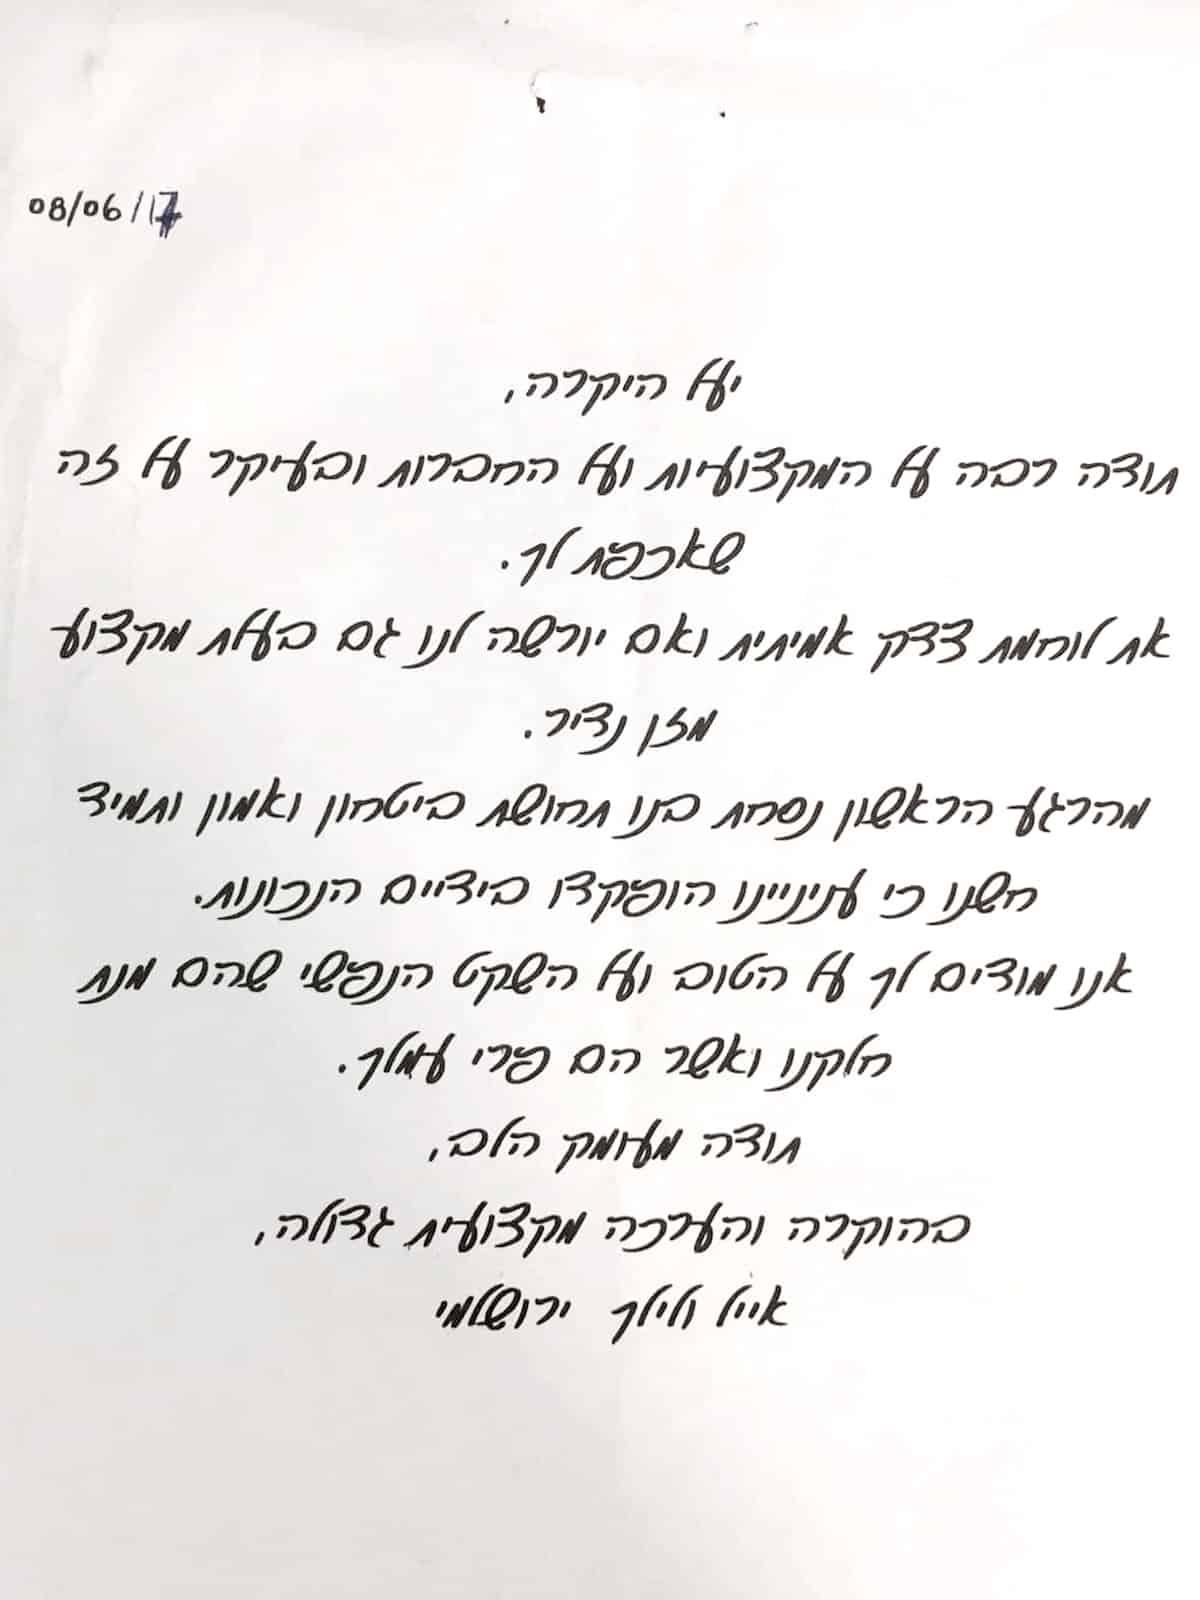 מכתב-המלצה-יעל-כהן-19.7